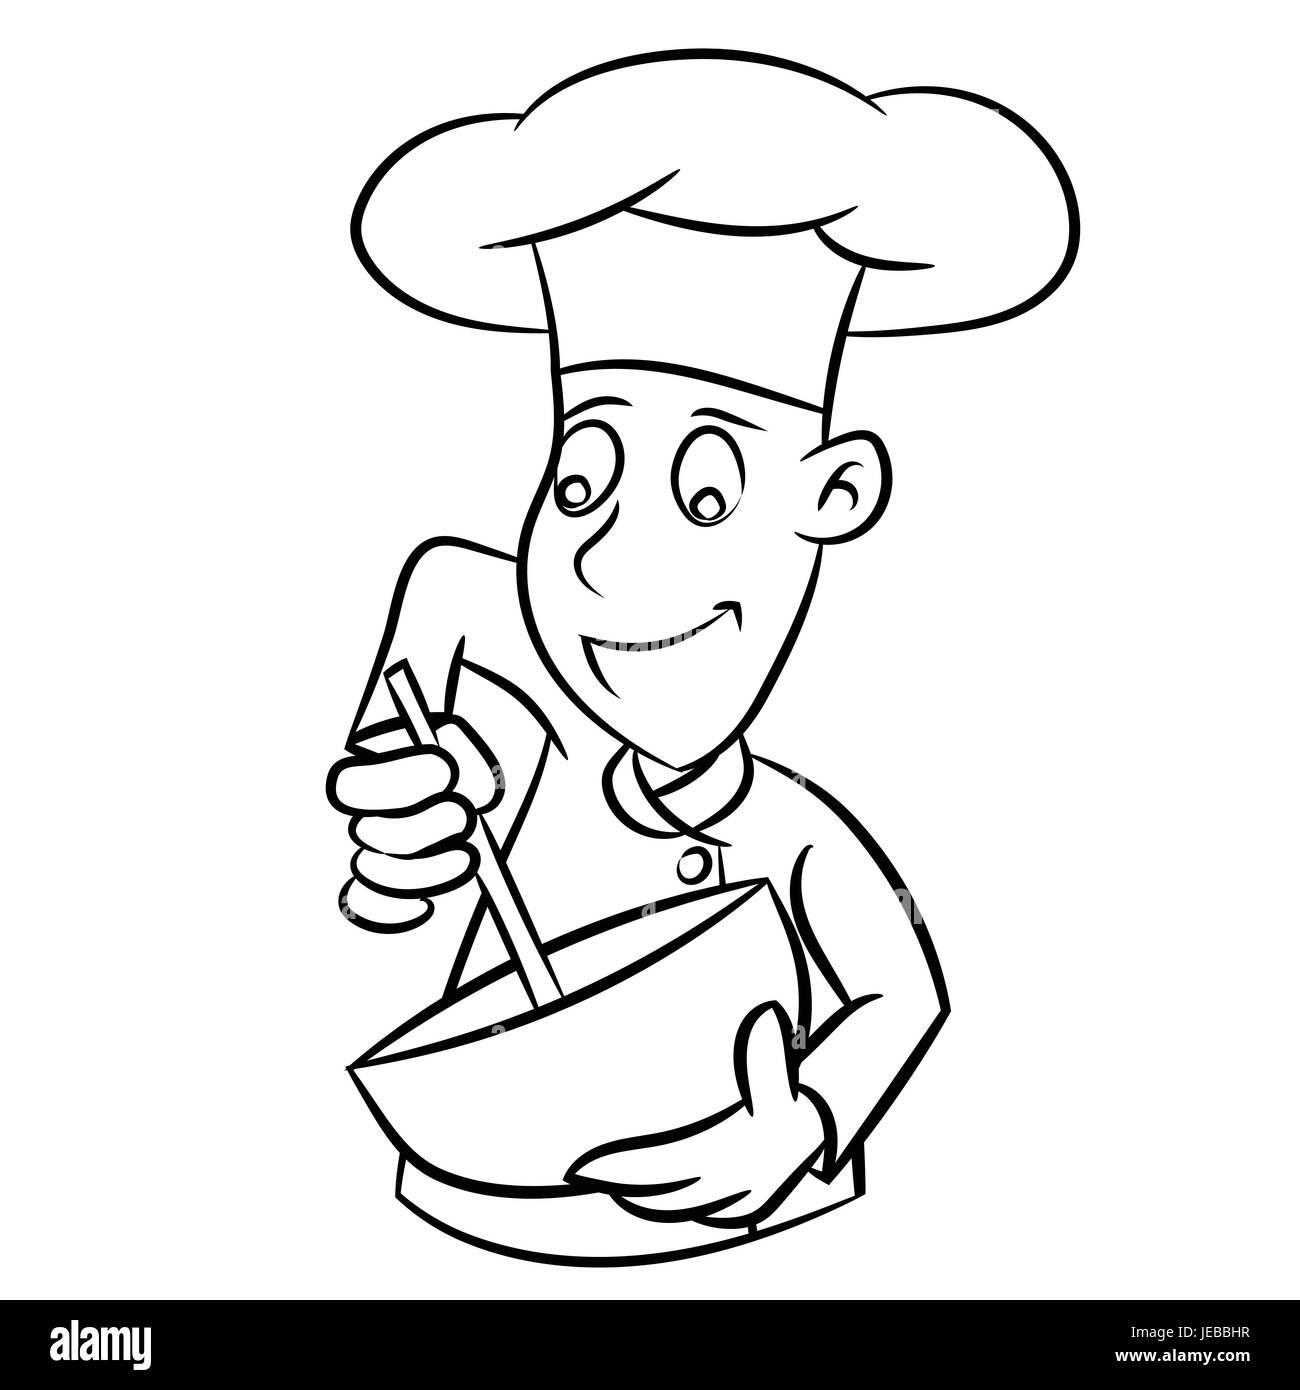 Chef Vector Vectors Imágenes De Stock & Chef Vector Vectors Fotos De ...